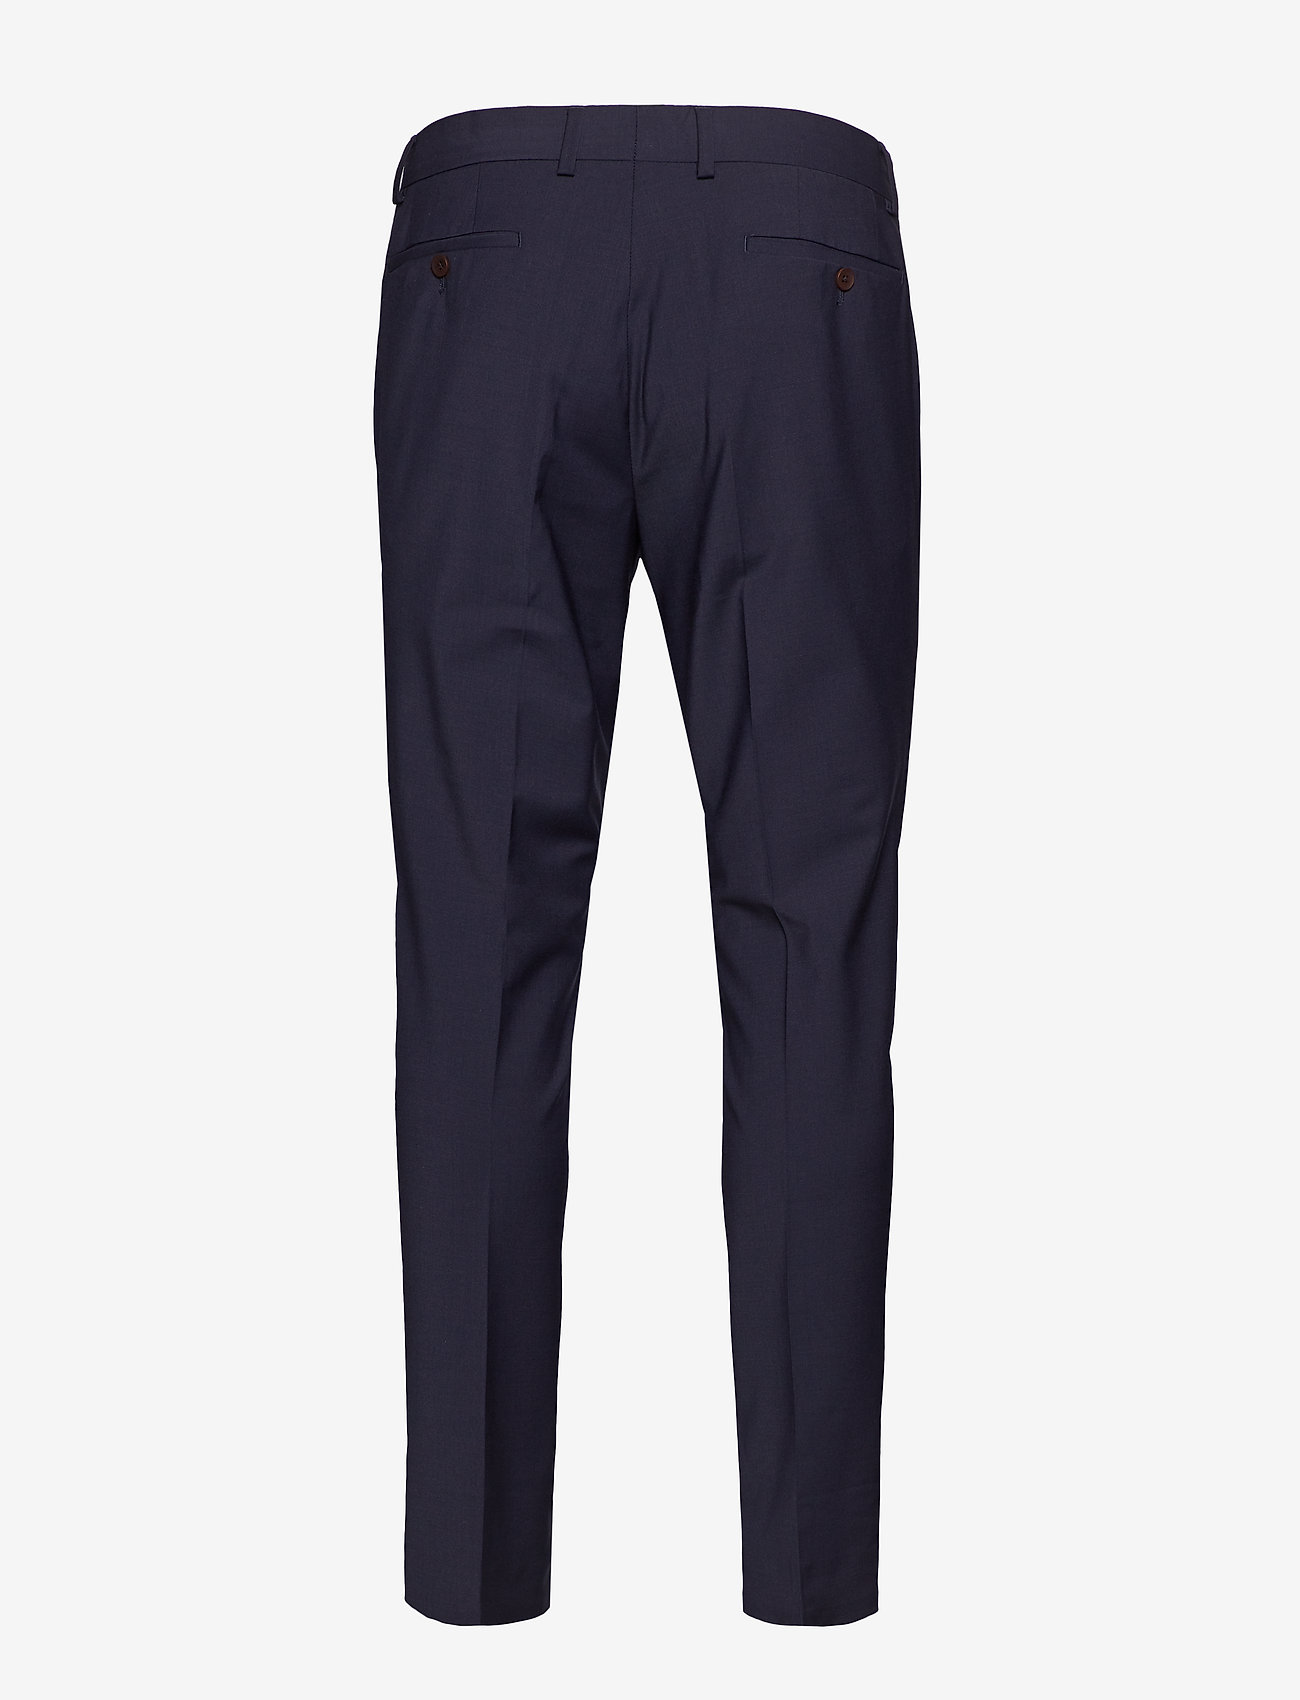 Esprit Collection - Pants suit - formele broeken - navy - 1